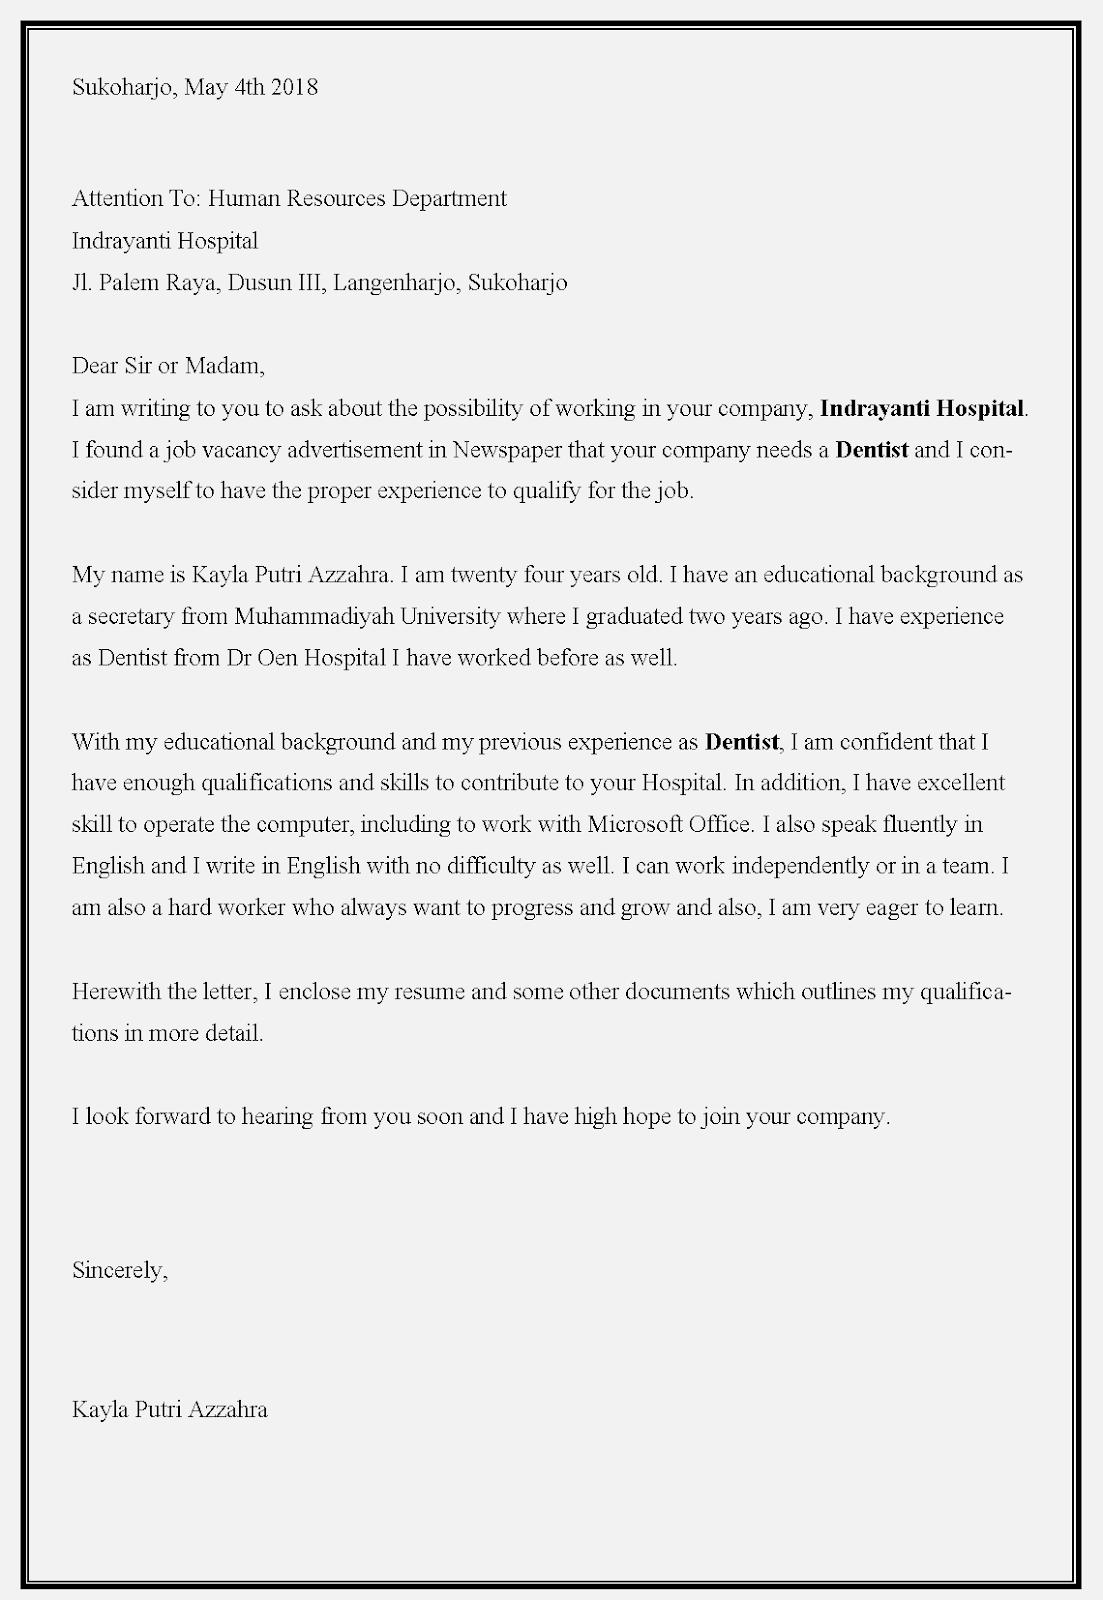 Contoh surat lamaran kerja dokter di rumah sakit Indrayanti